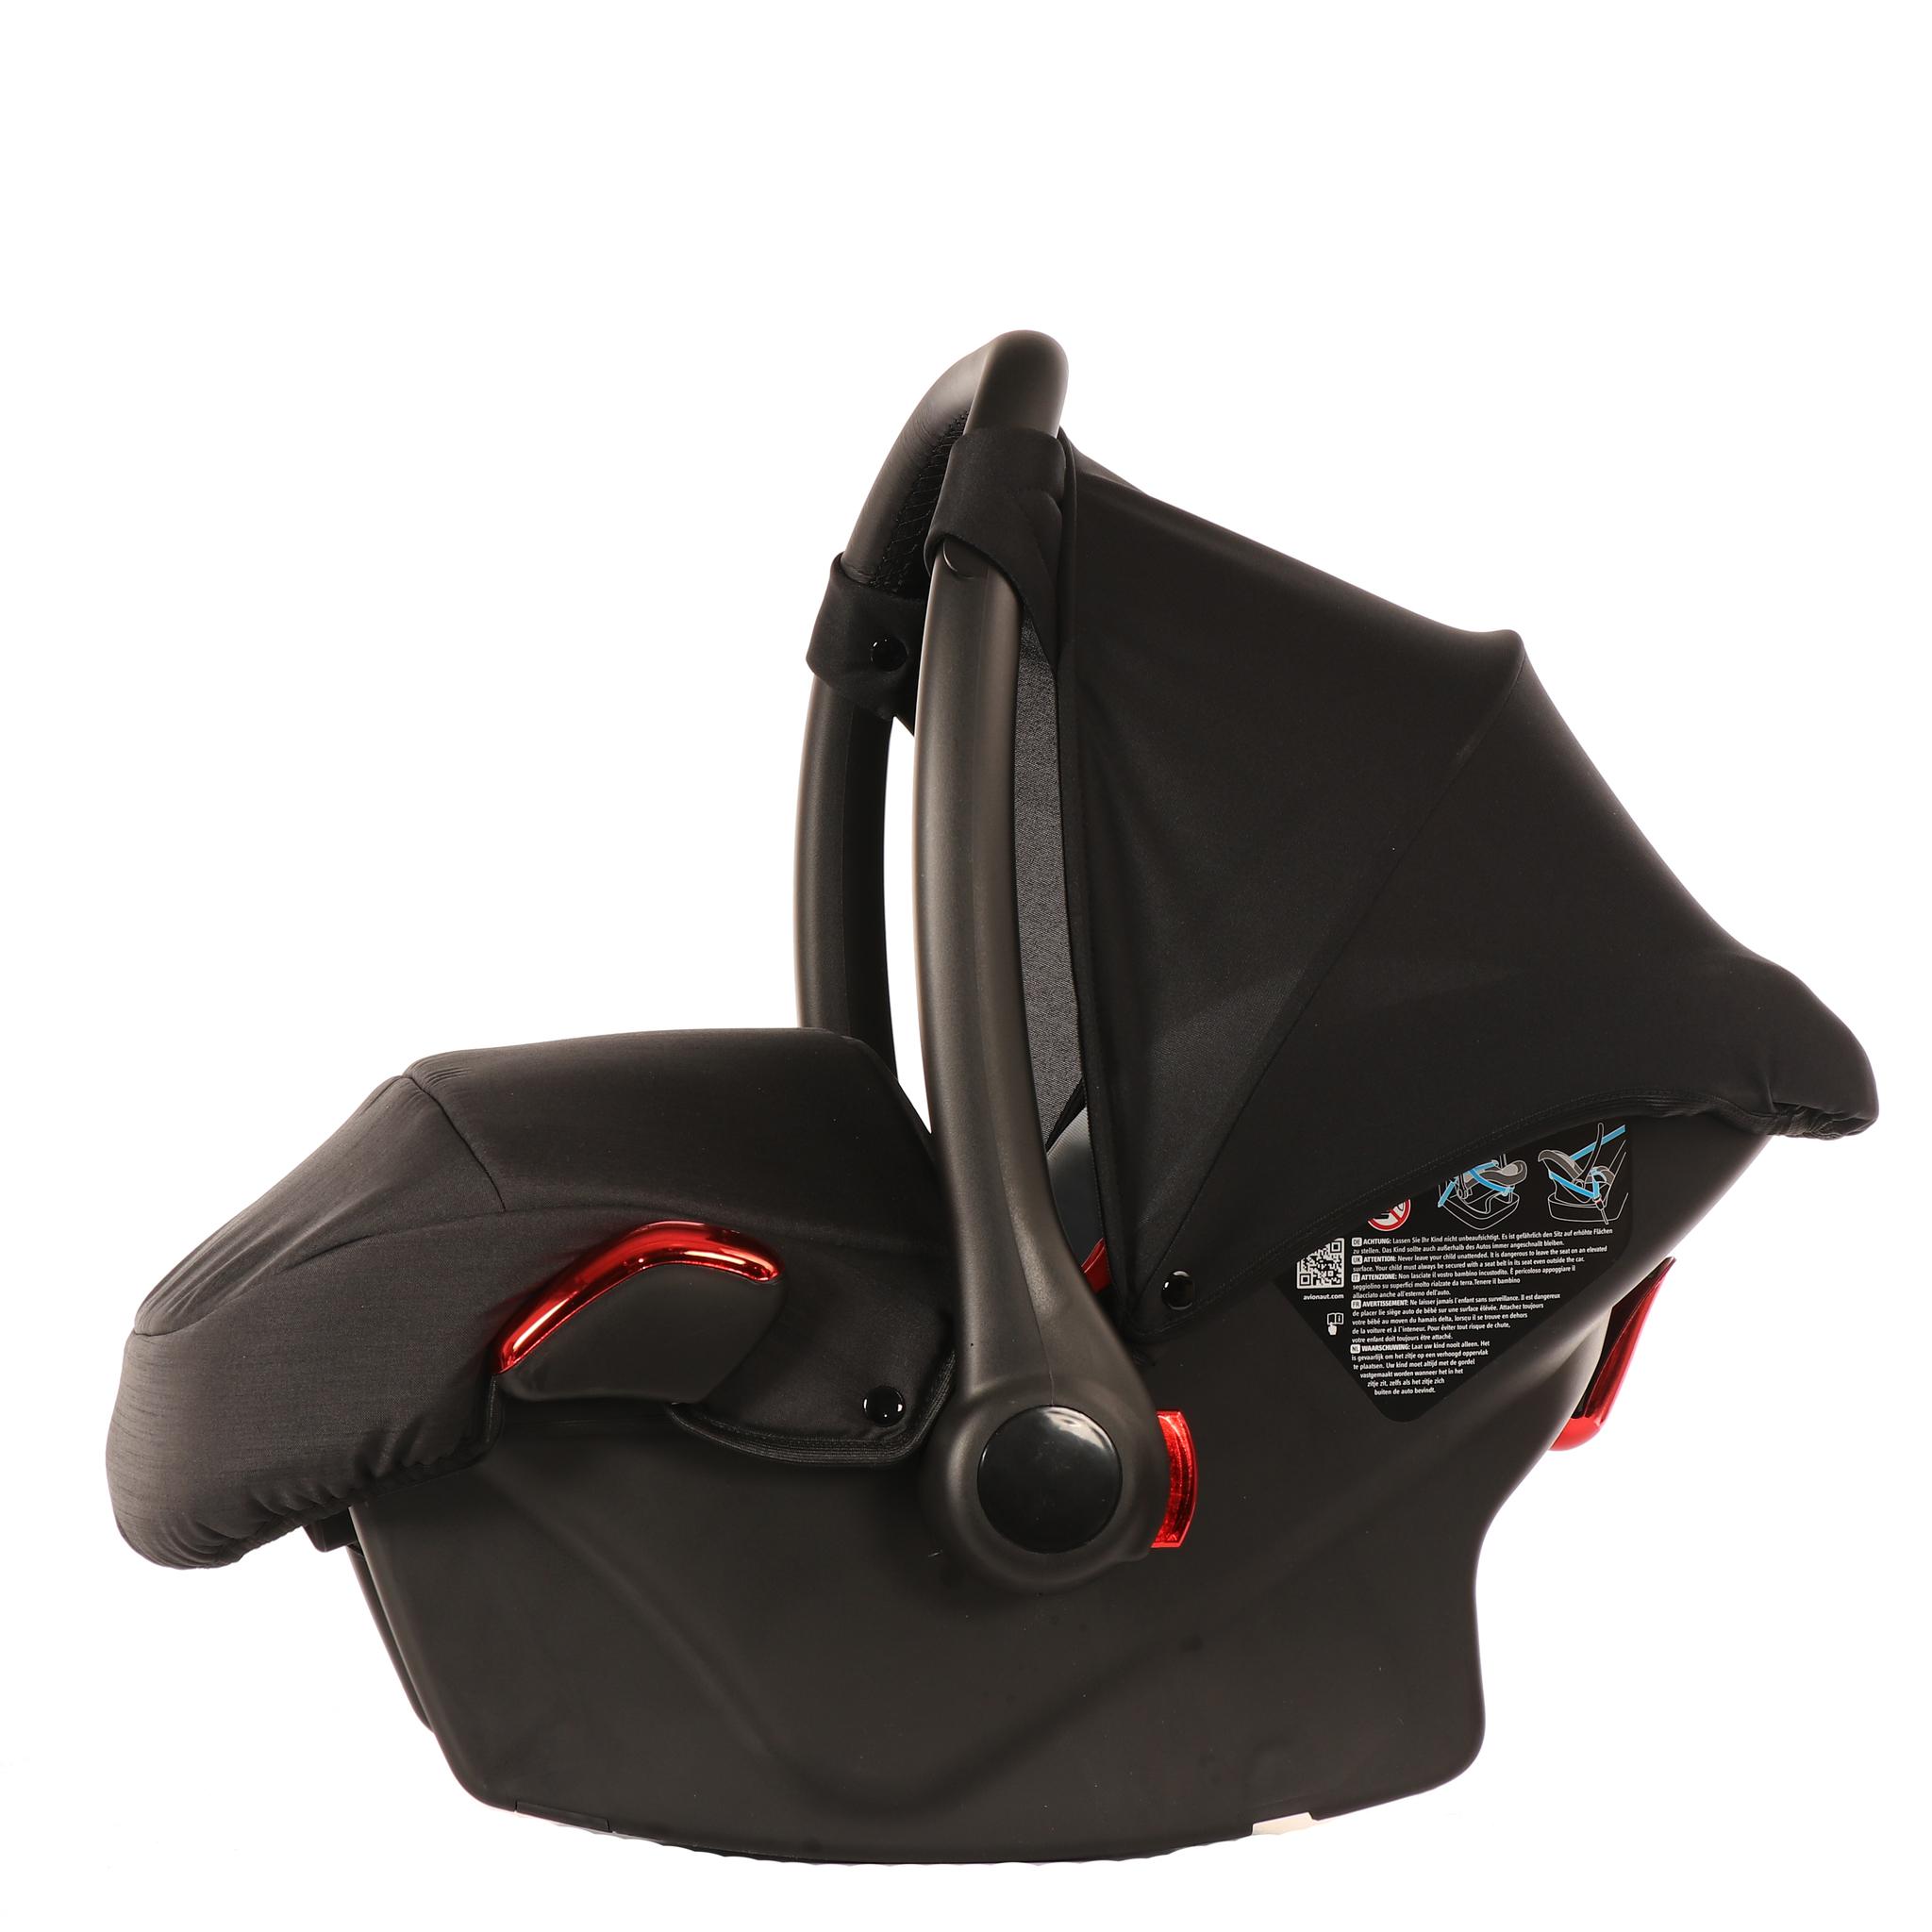 JUNAMA Автокресло JUNAMA (Ткань) черное с красным  AJ-I01 AJ-I01_черный-_красный.JPG